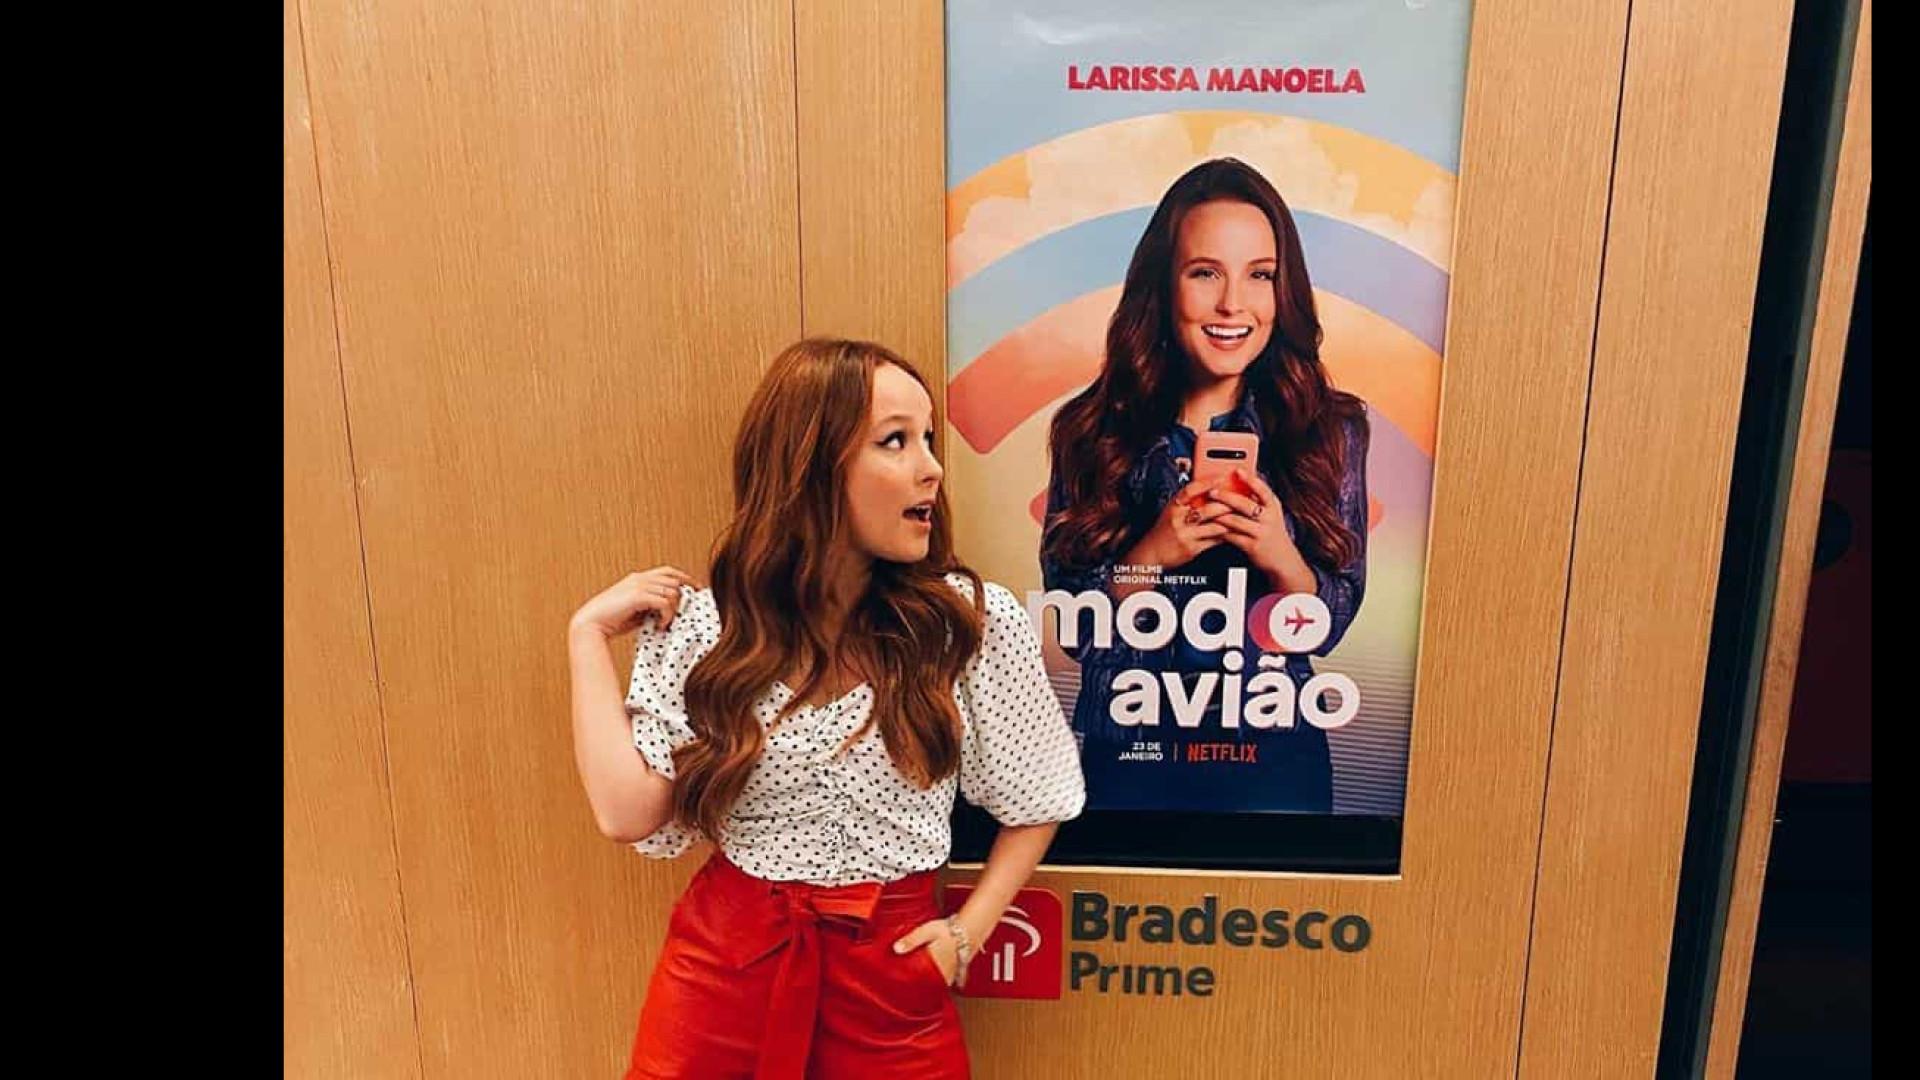 Larissa Manoela é influenciadora digital em novo filme da Netflix